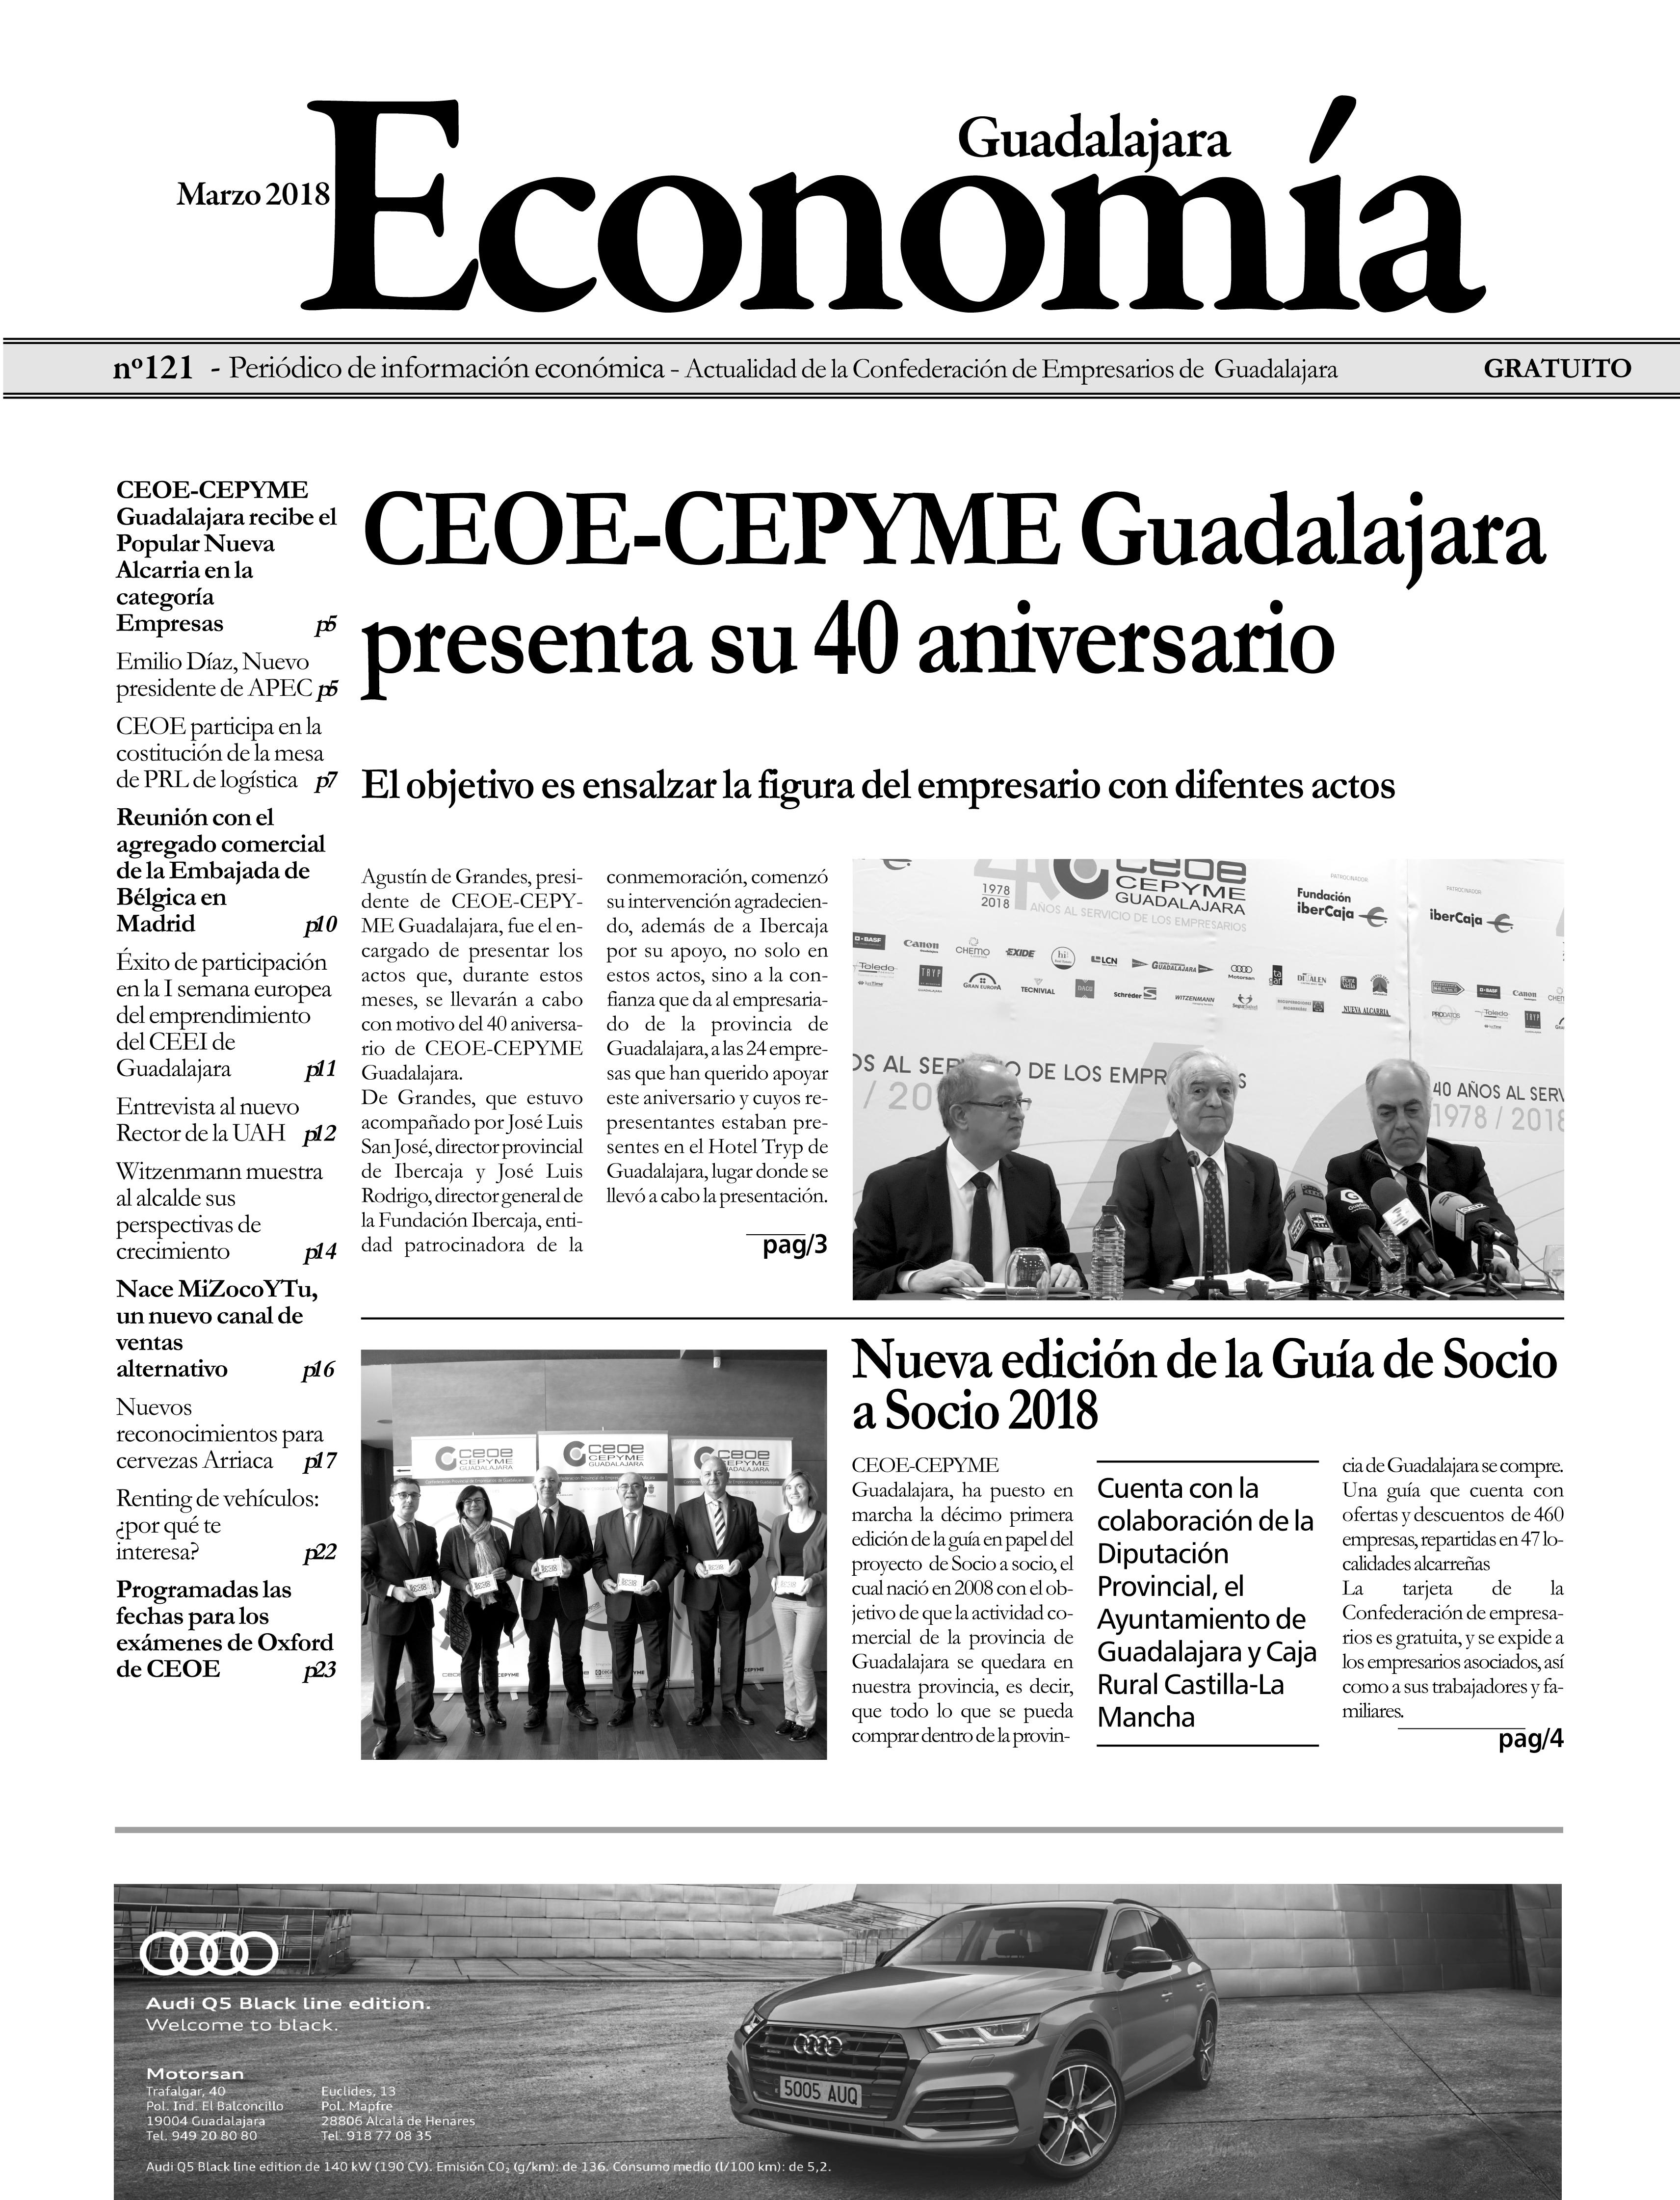 Periódico Economía de Guadalajara - Marzo 2018